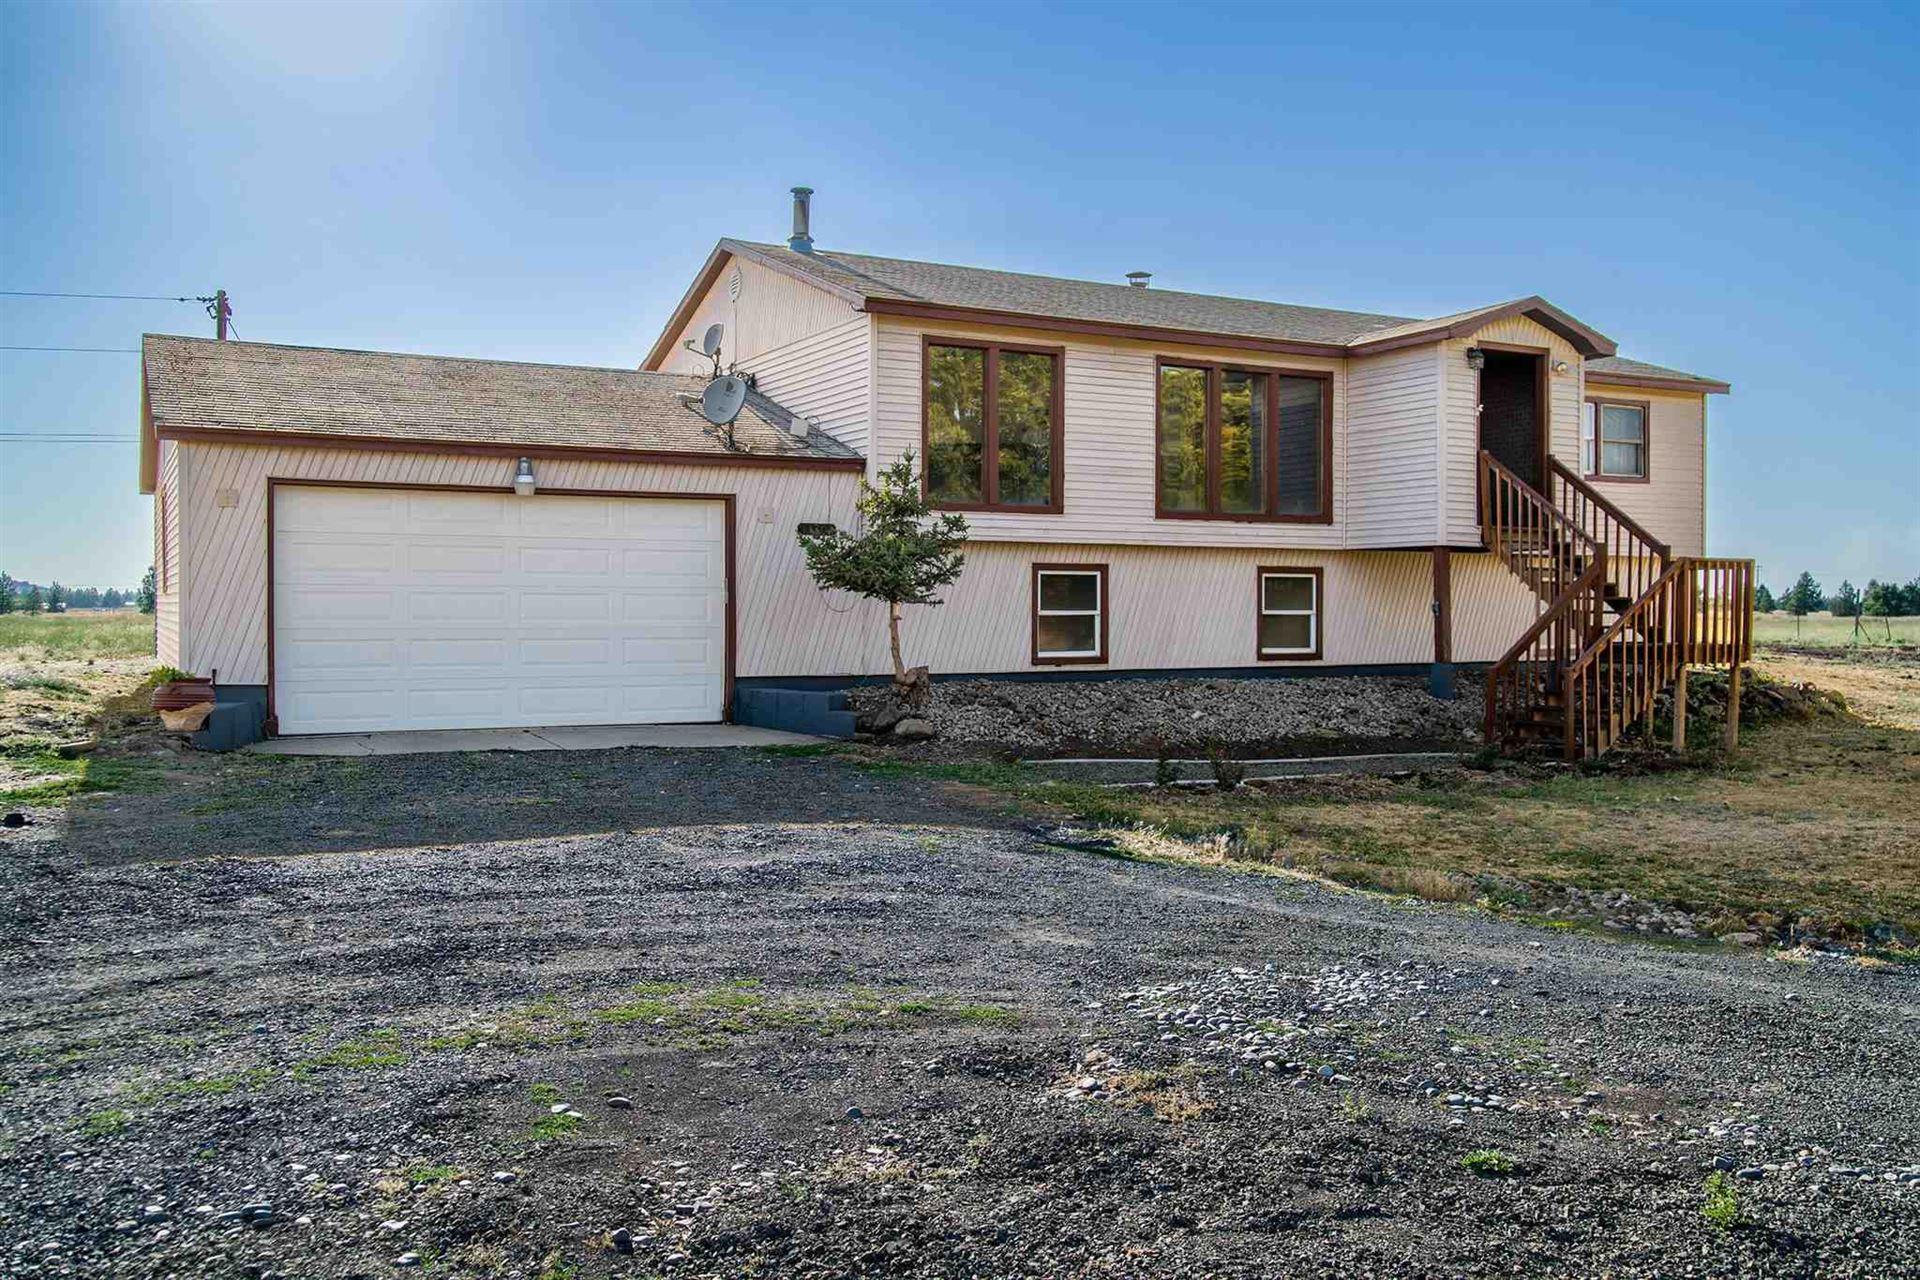 Photo of 13204 W White Rd, Spokane, WA 99224 (MLS # 202119486)